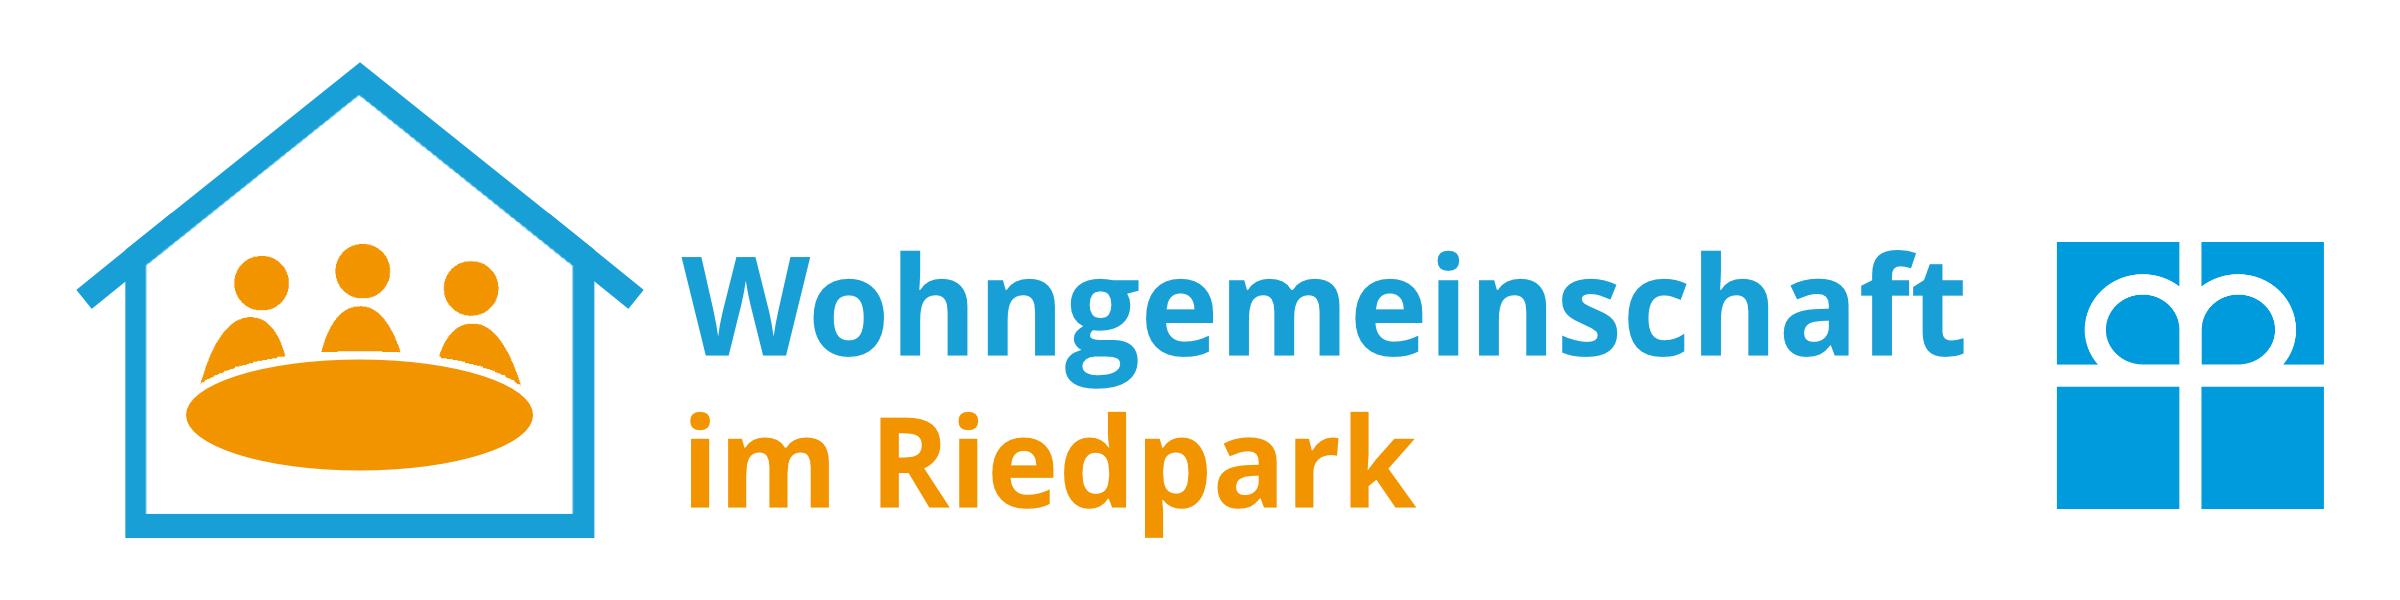 Logo Wohngemeinschaft im Riedpark